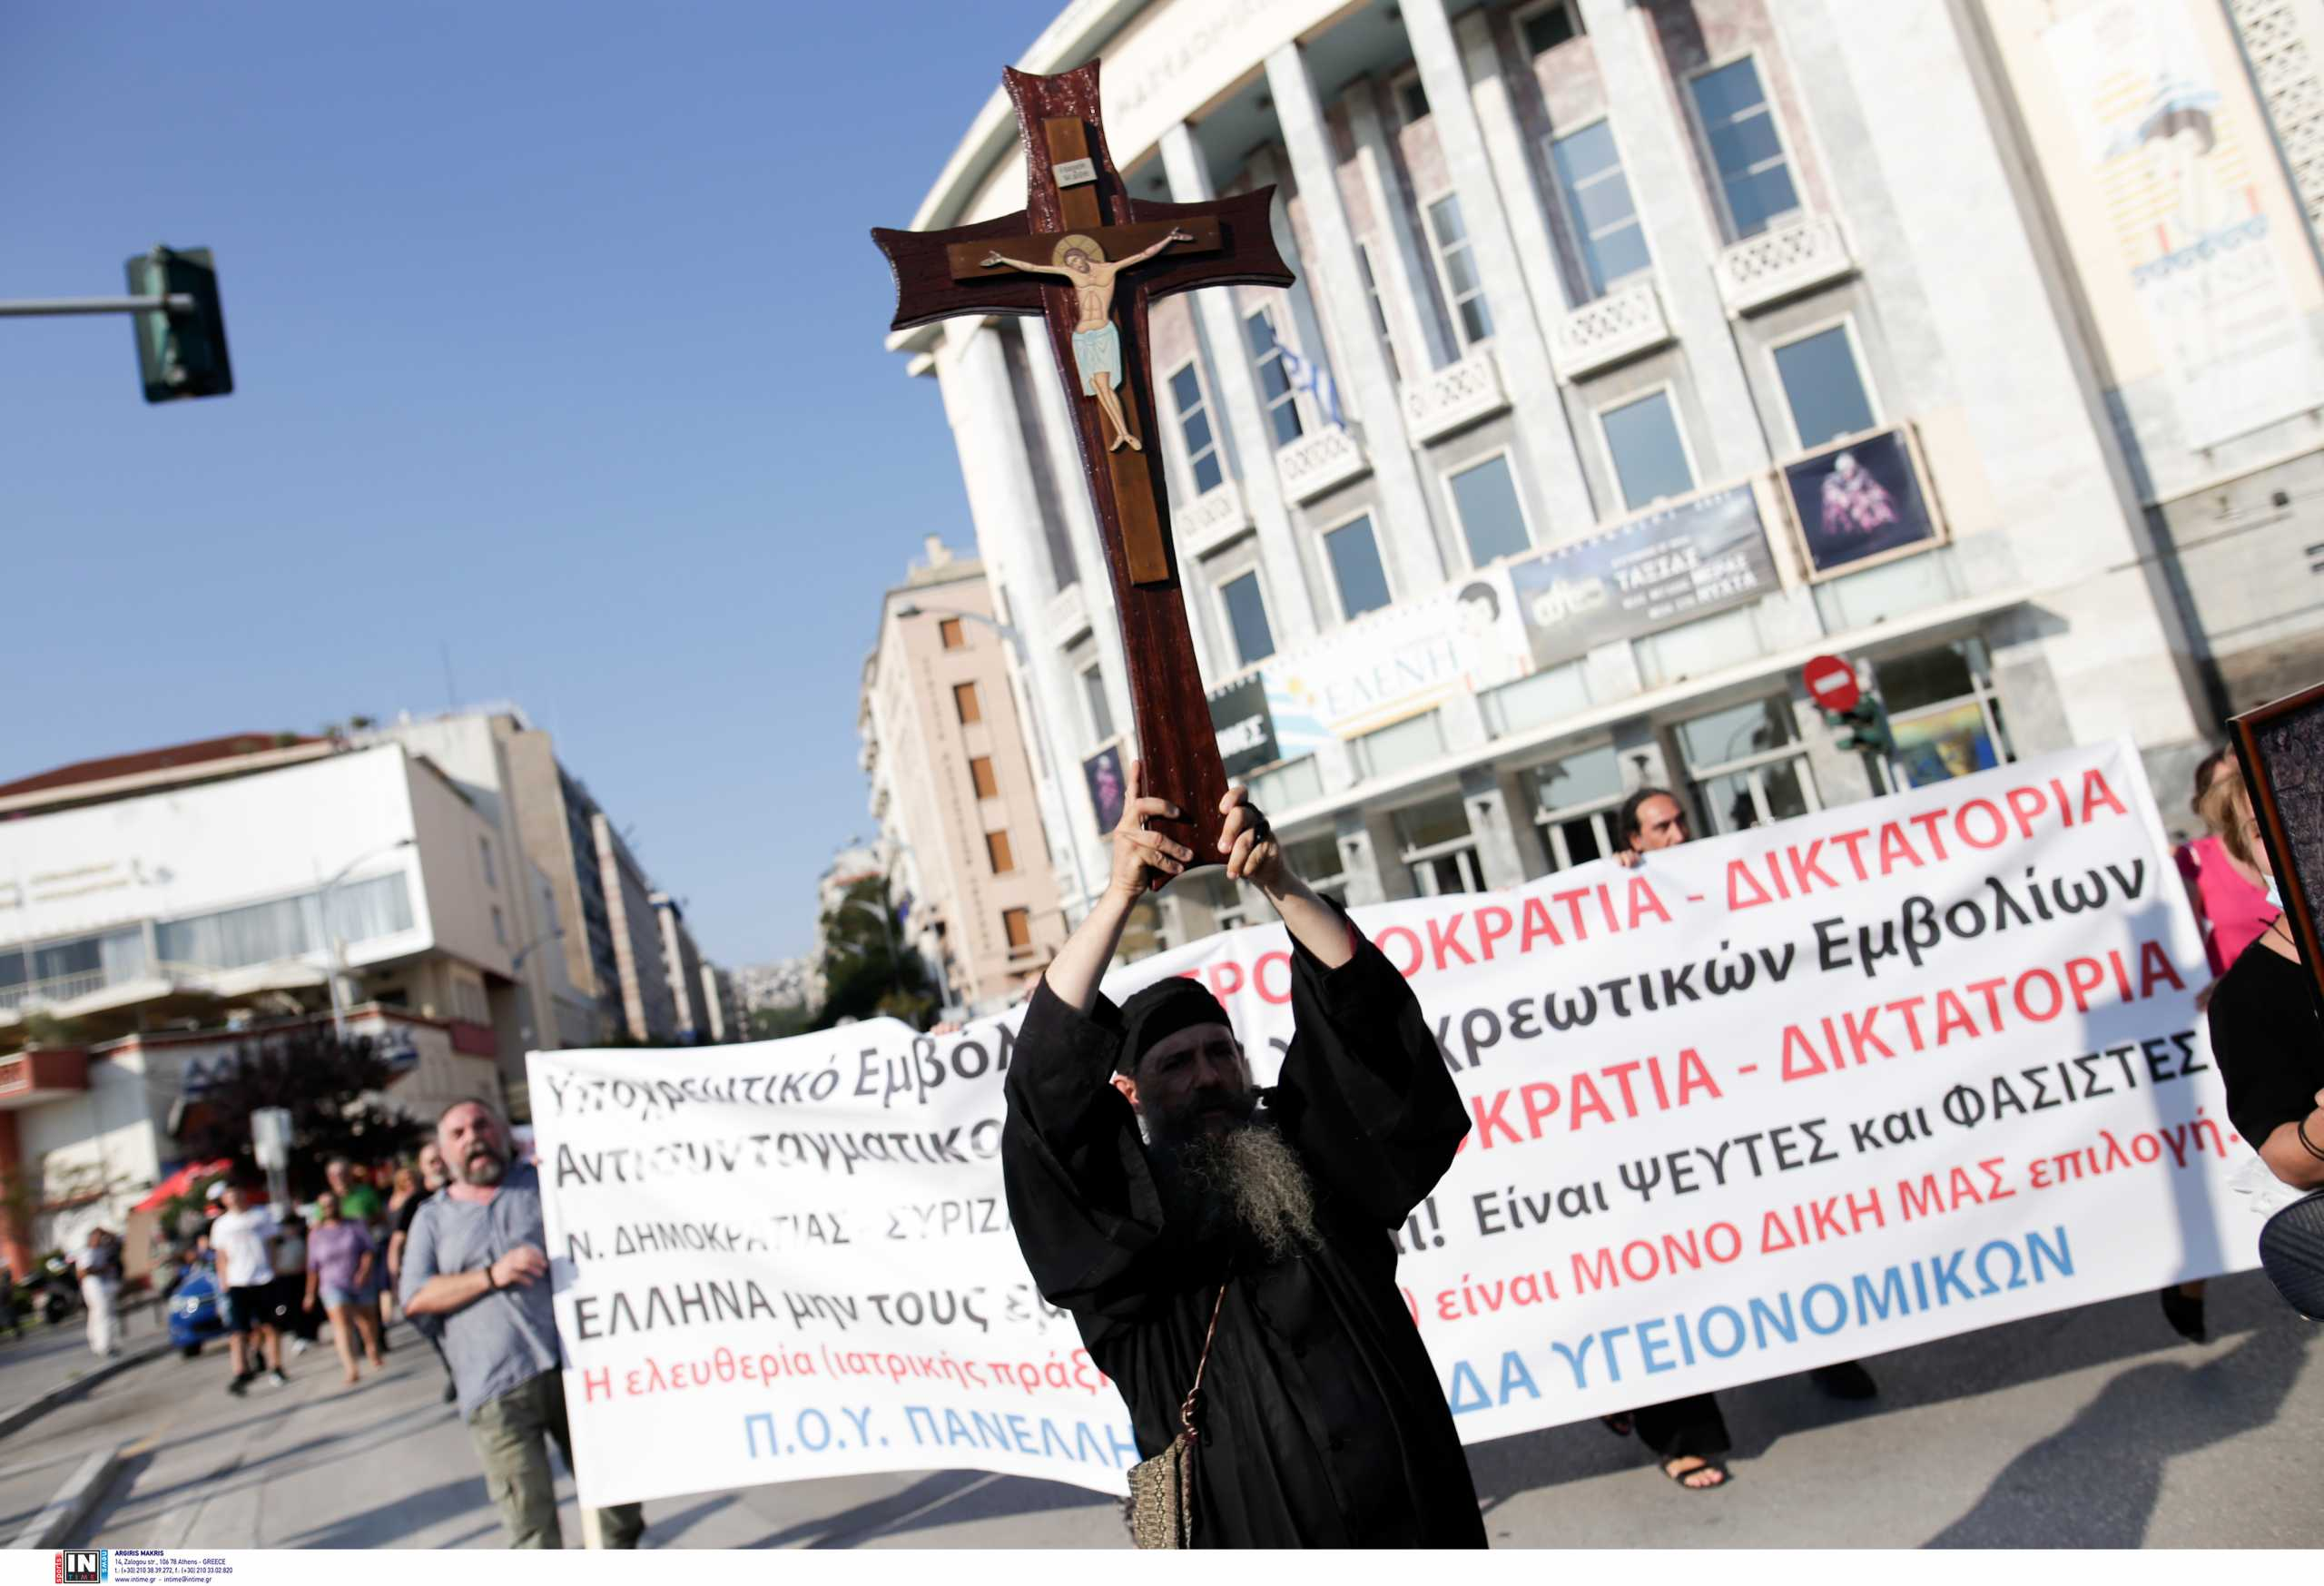 Συγκέντρωση διαμαρτυρίας κατά του υποχρεωτικού εμβολιασμού για τον κορονοϊό